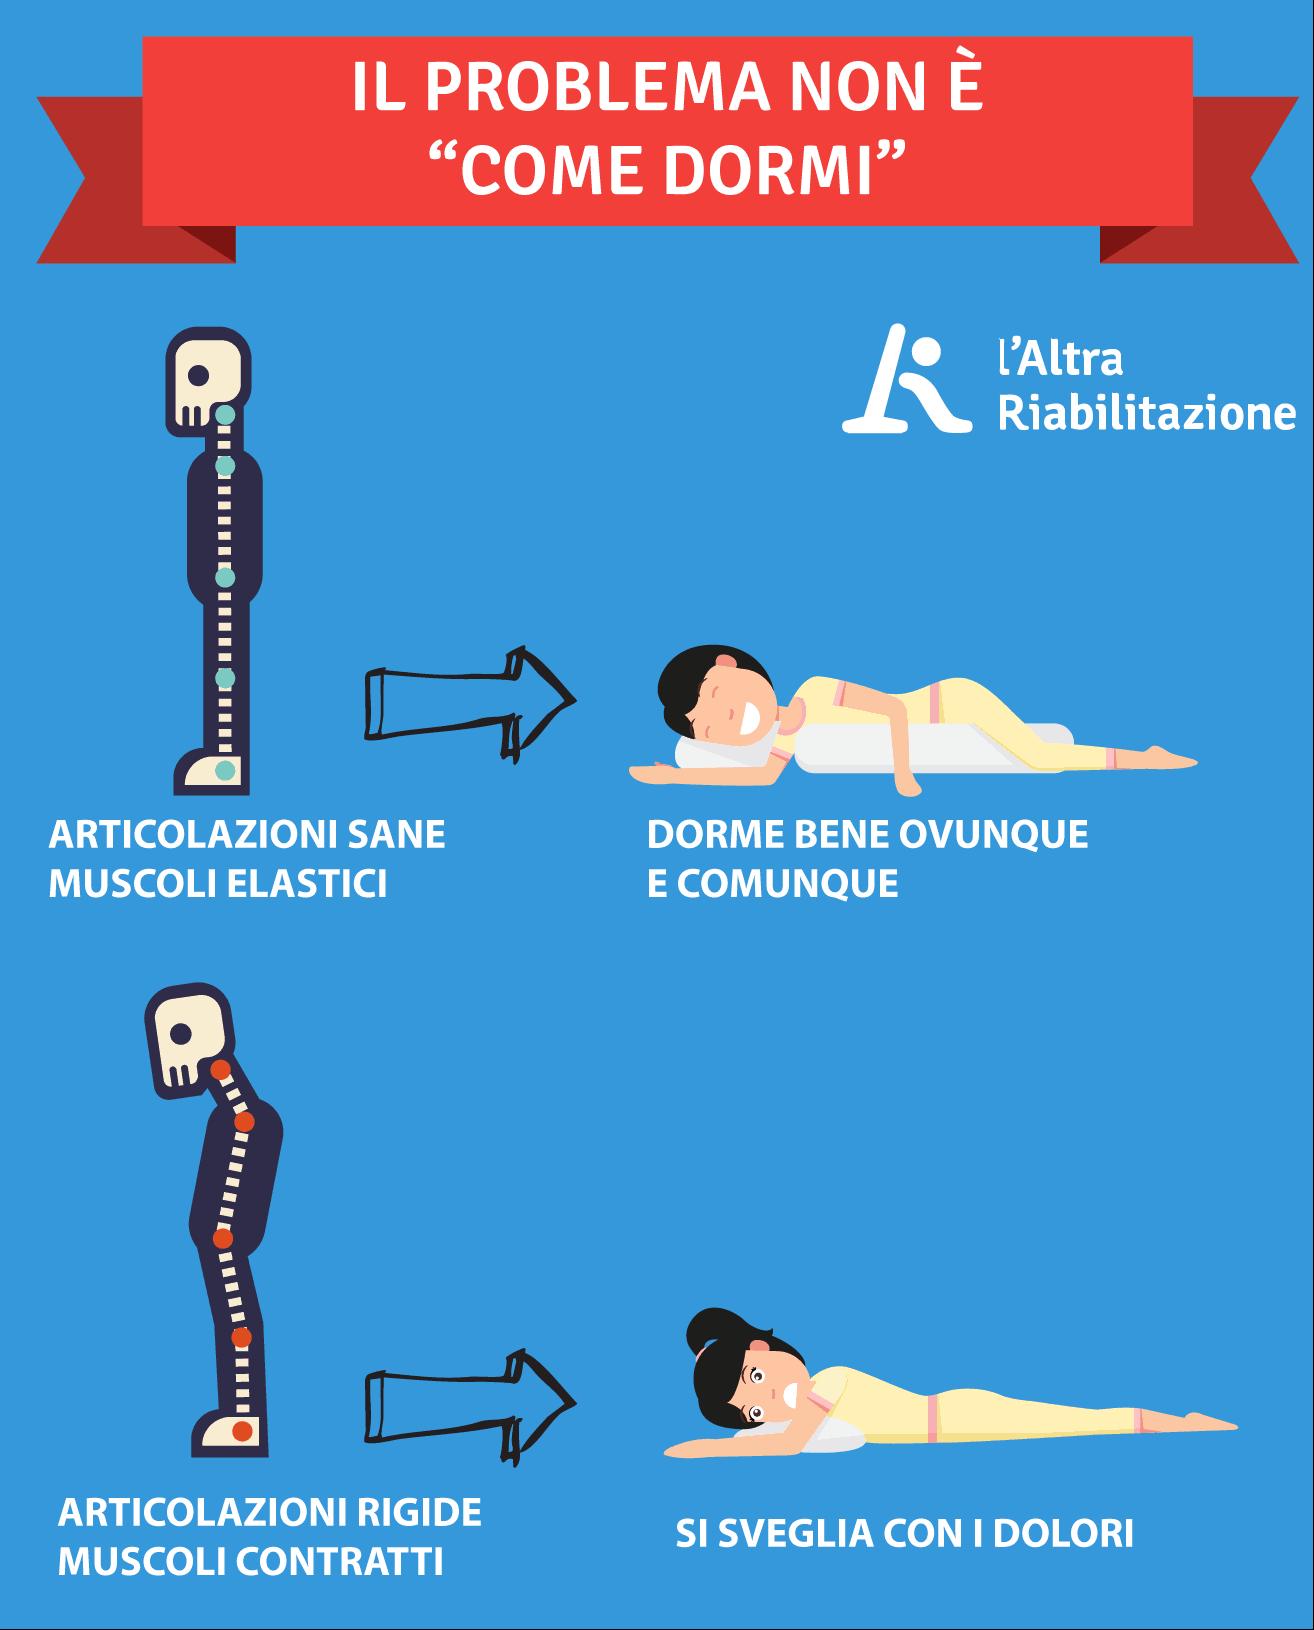 Consigli per dormire bene con il mal di schiena